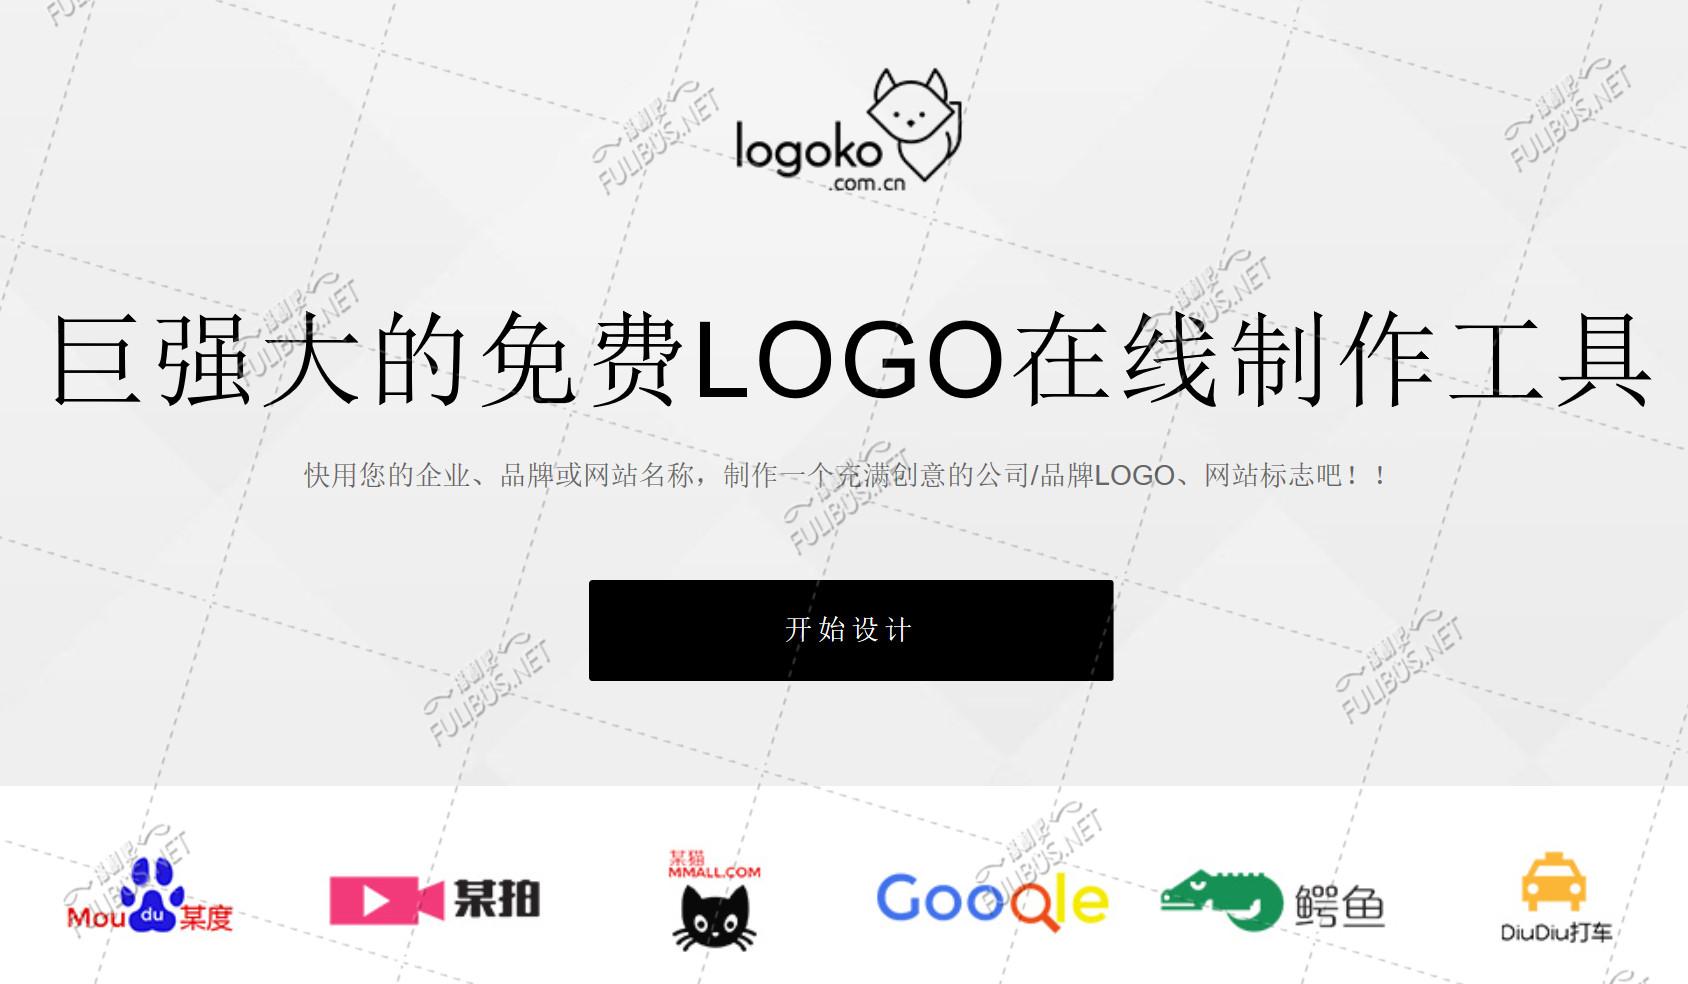 趣味网站第14期 小鸡词典/中国配色/名著地图/海洋之音/LOGO设计  文章推荐  图5